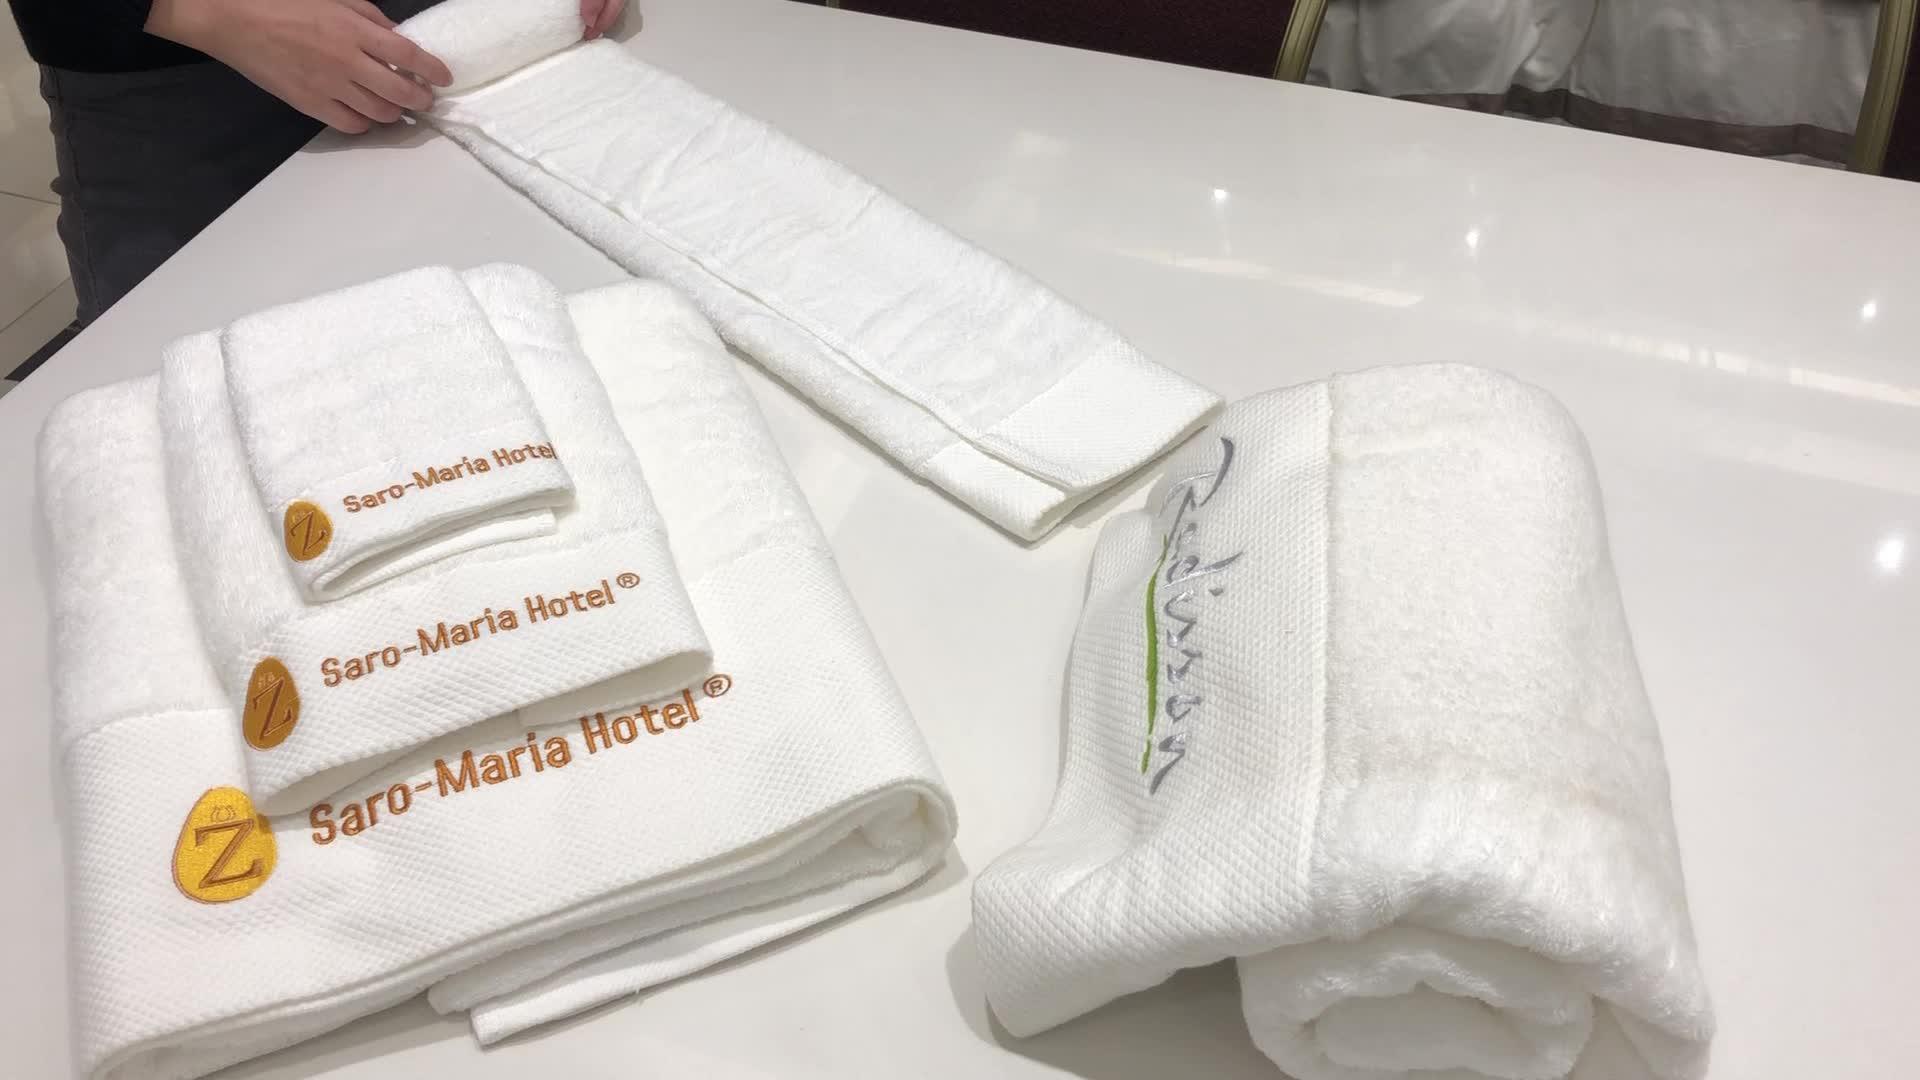 Mẫu Miễn Phí 100% Cotton 5 Sao Khách Sạn Sang Trọng Khăn Tắm Đặt Trong QUẢNG CHÂU